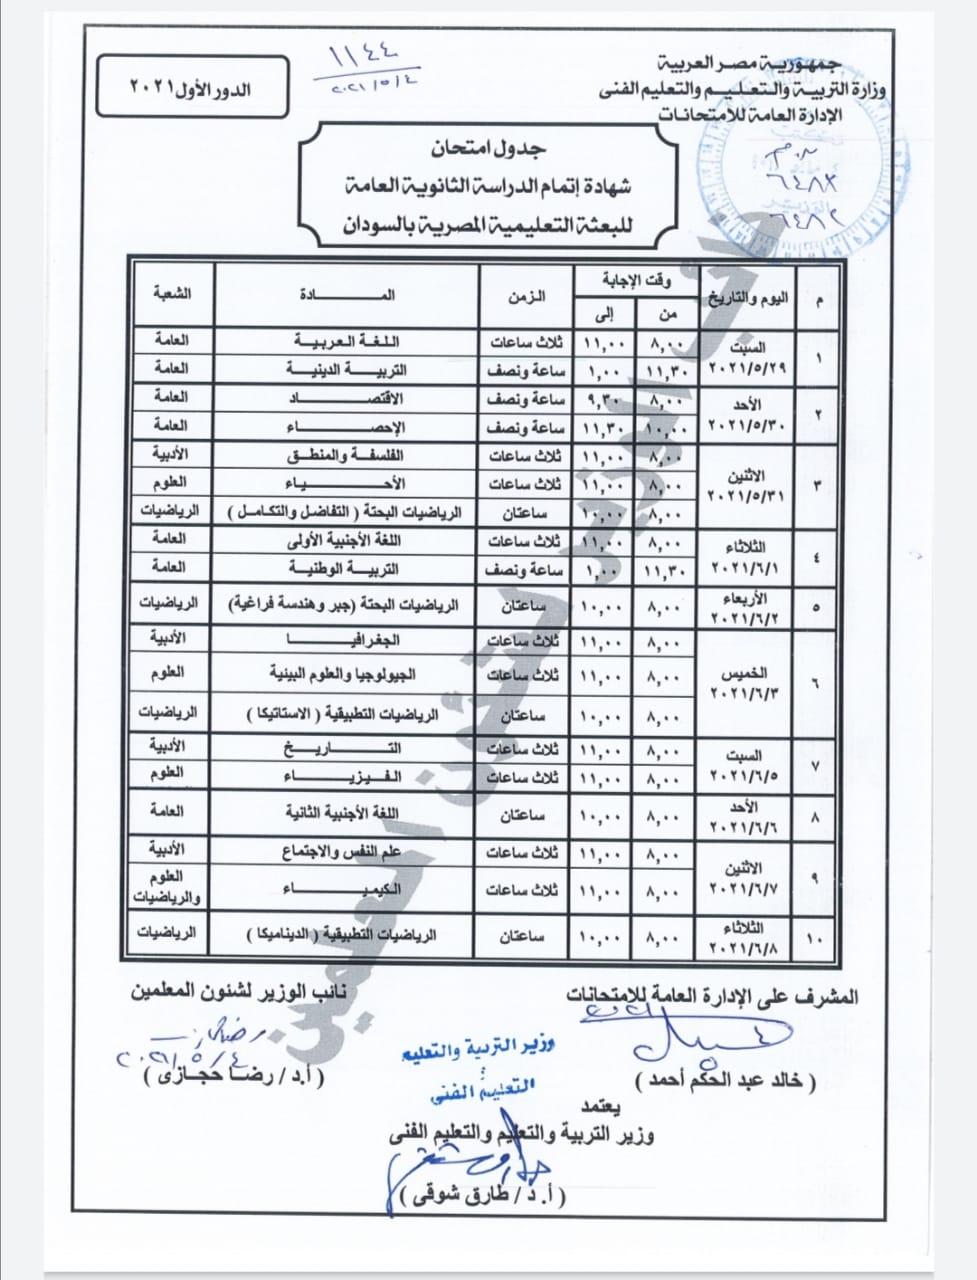 اعتماد   جدول امتحان الثانوية العامة للبعثة التعليمية المصرية فى السودان 14169710